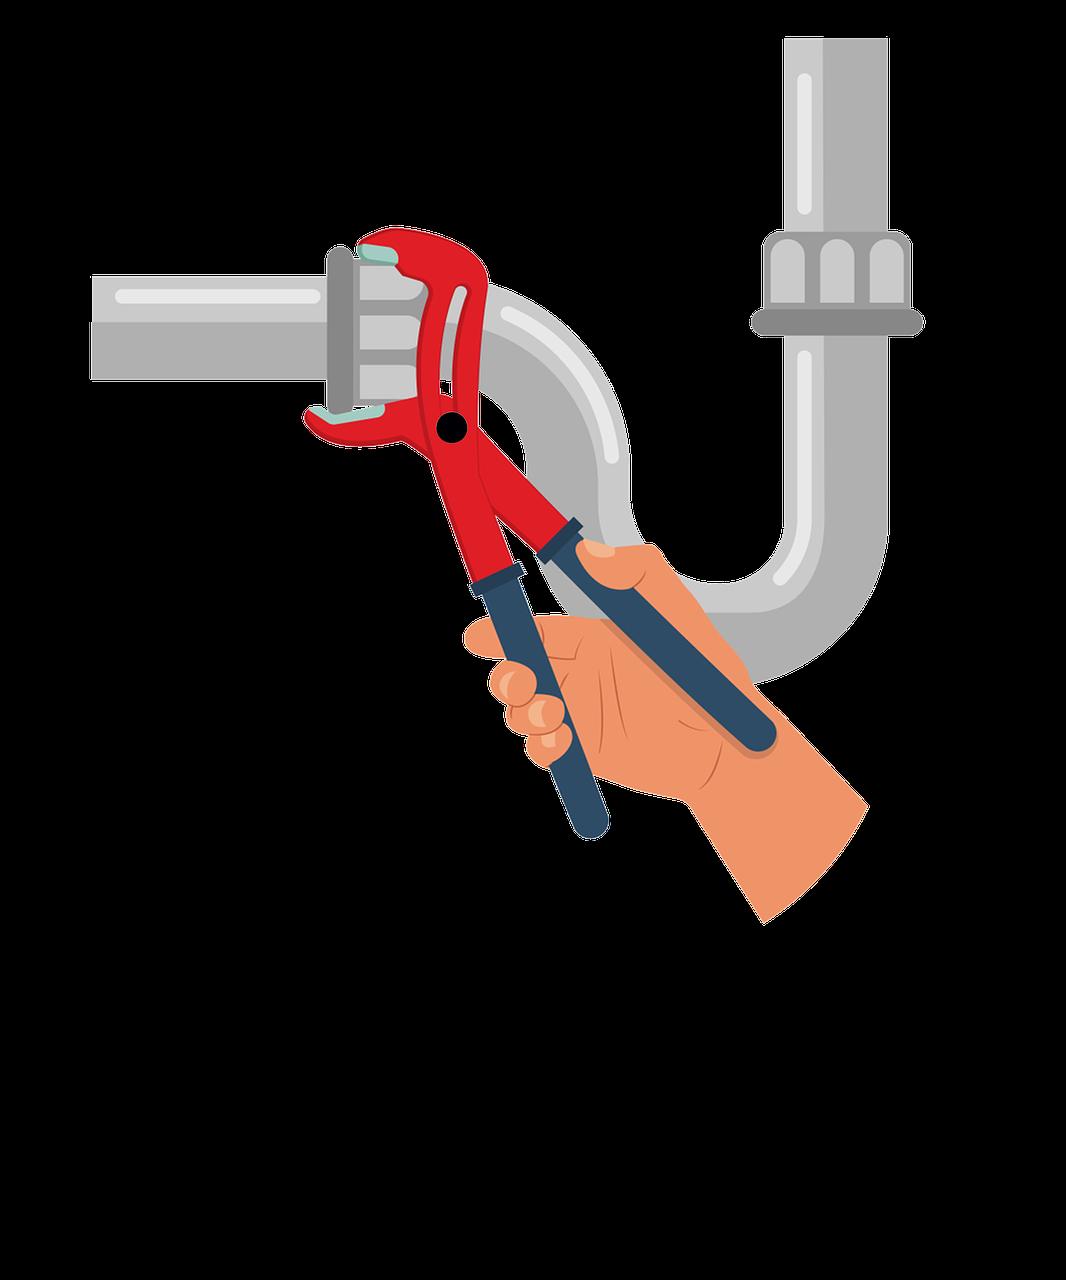 réparation-plomberie